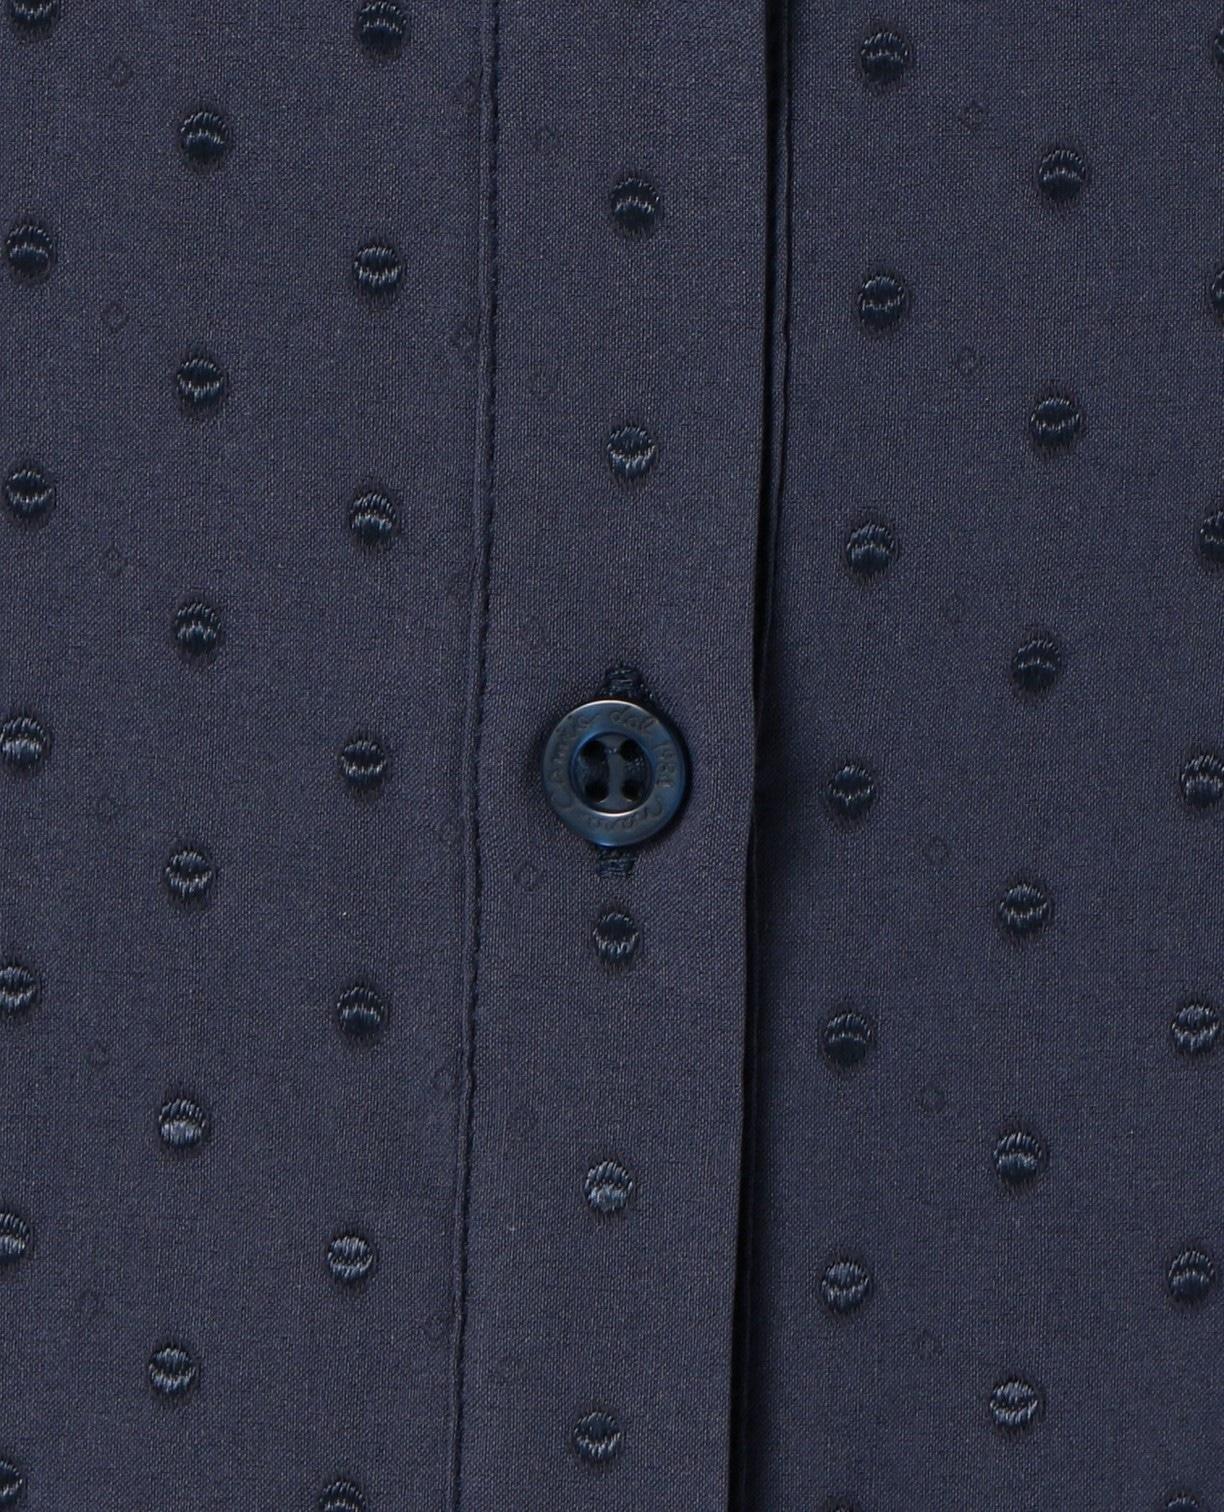 ドットジャカードスーパーストレッチスタンドカラー七分袖シャツ